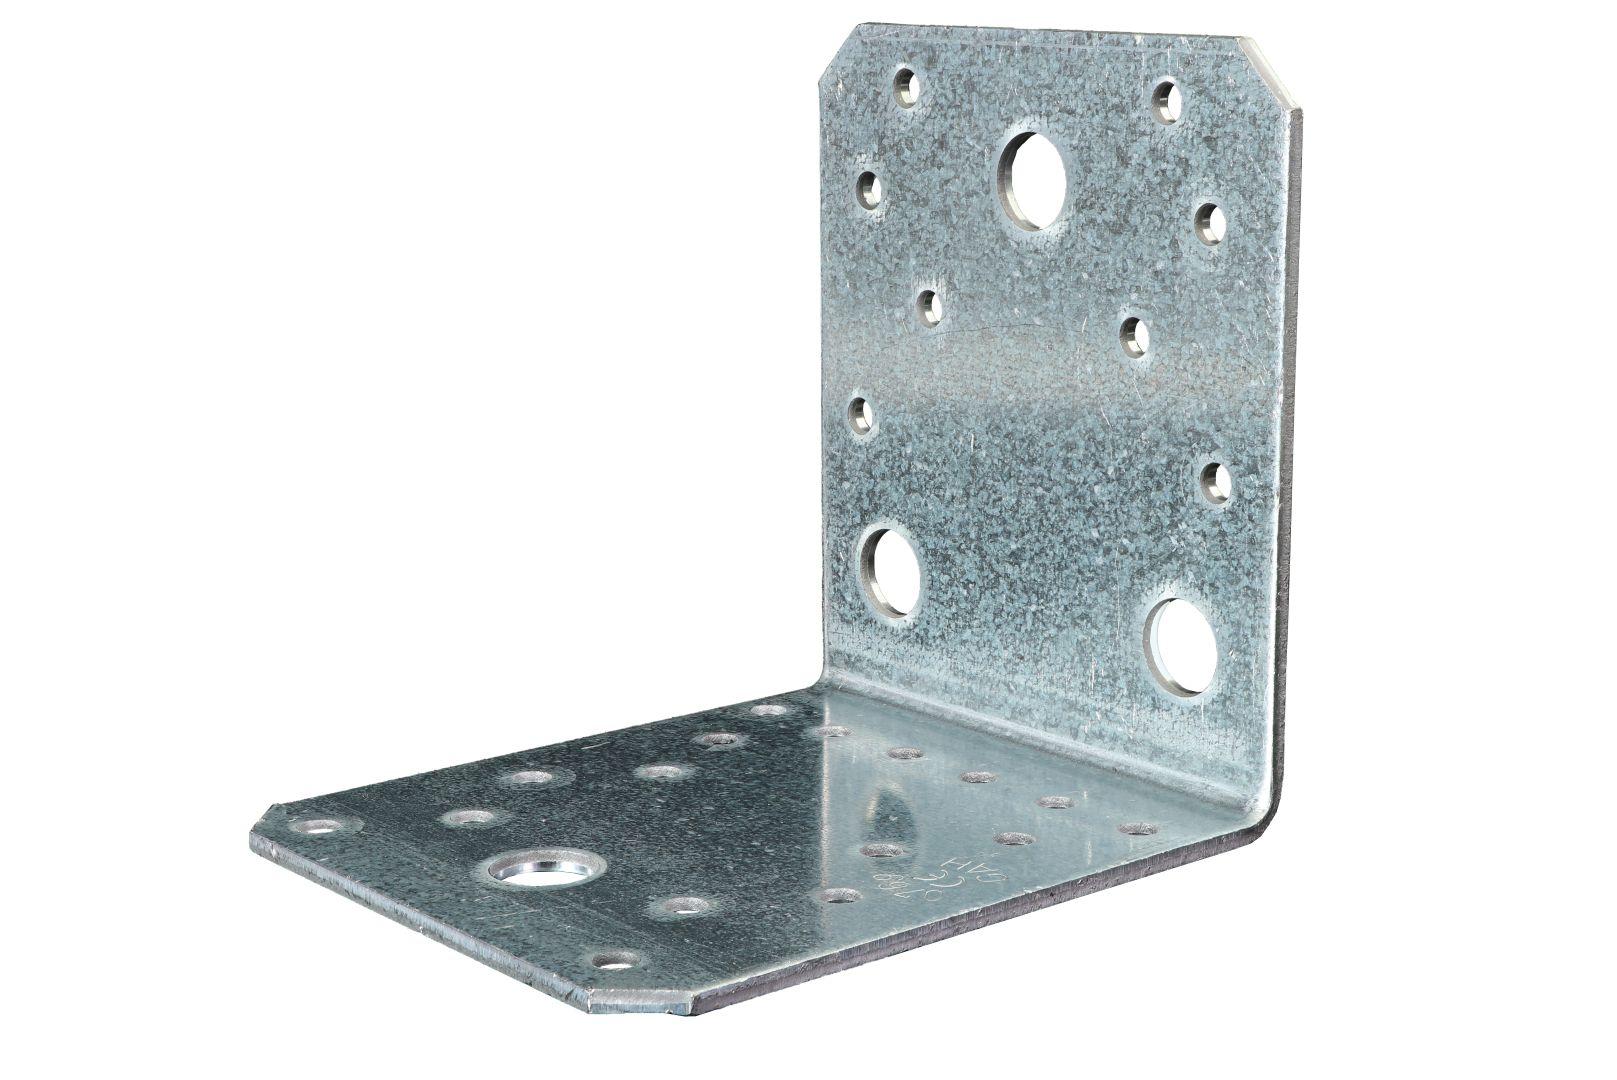 GAH Winkelverbinder, Lochplattenwinkel, sendzimirverzinkt, 105 x 105 x 90 mm, Stärke: 3 mm